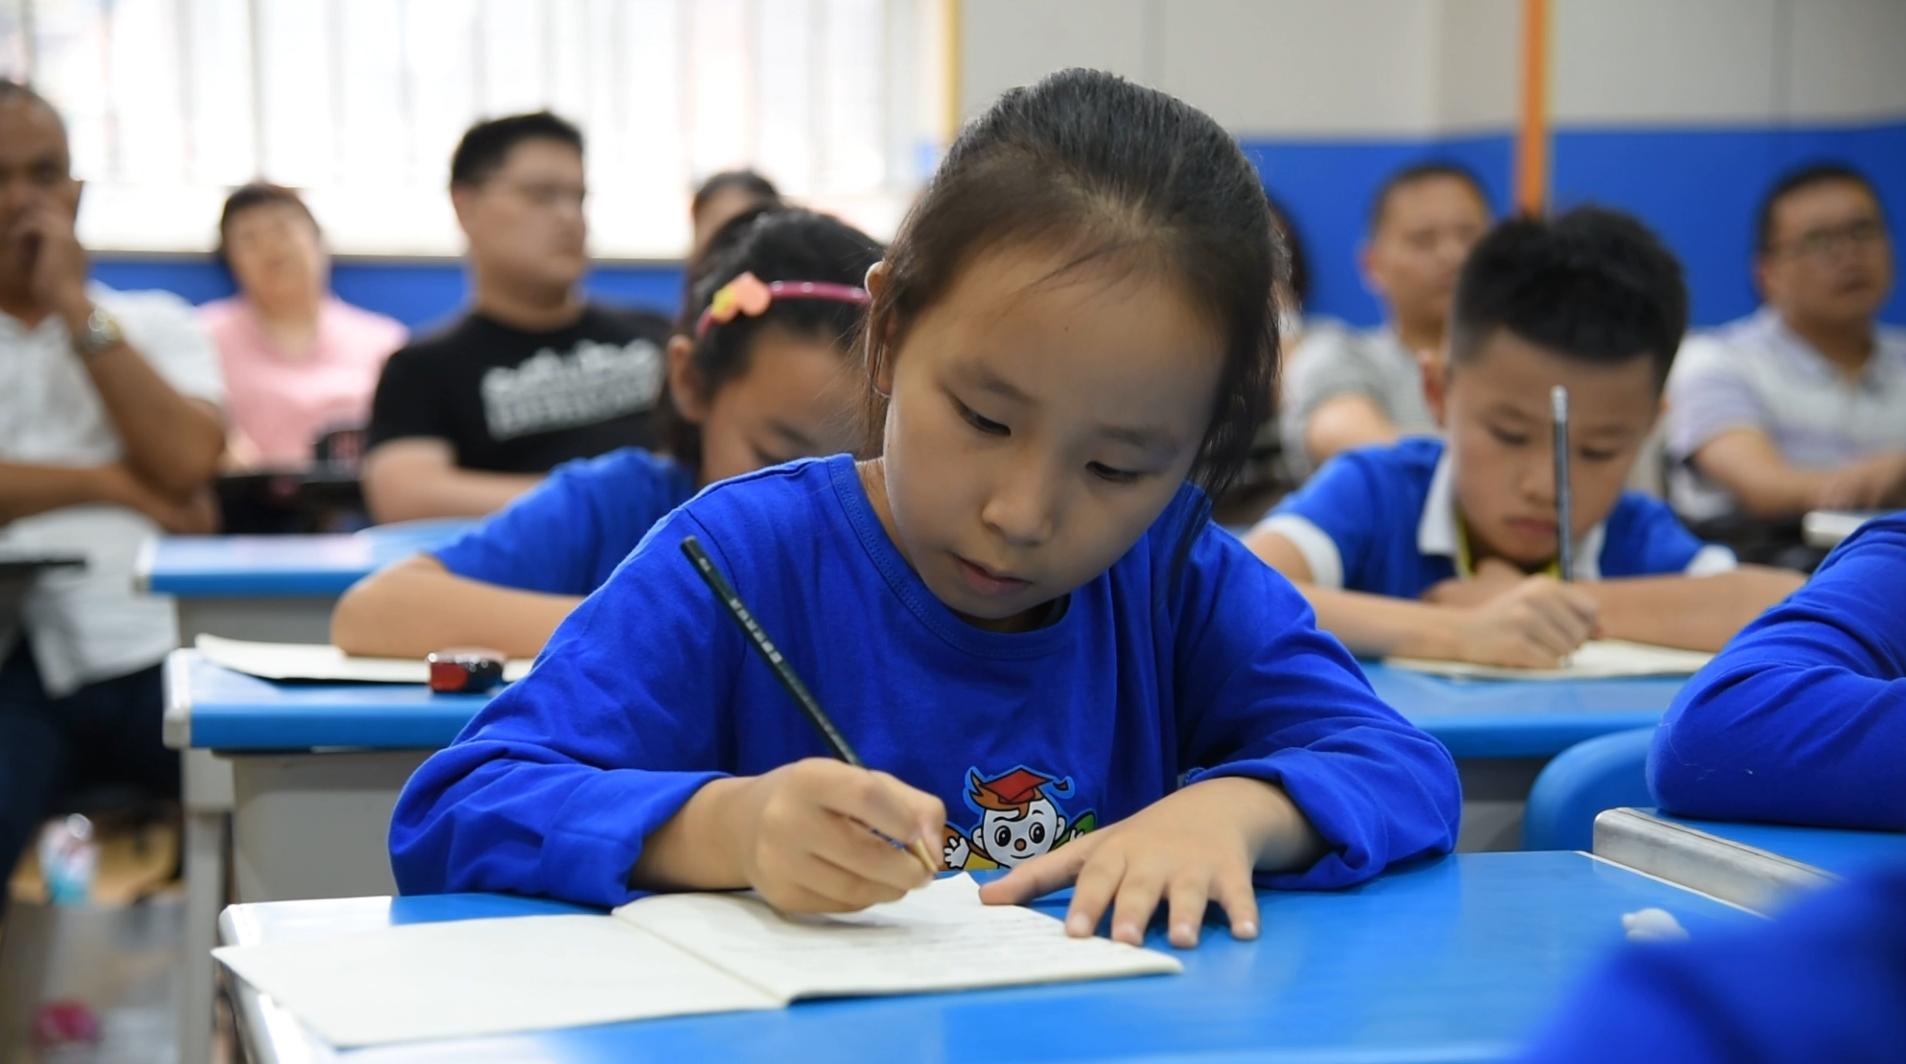 去哪儿学外语?天童美语致力高质量的英语培训机构